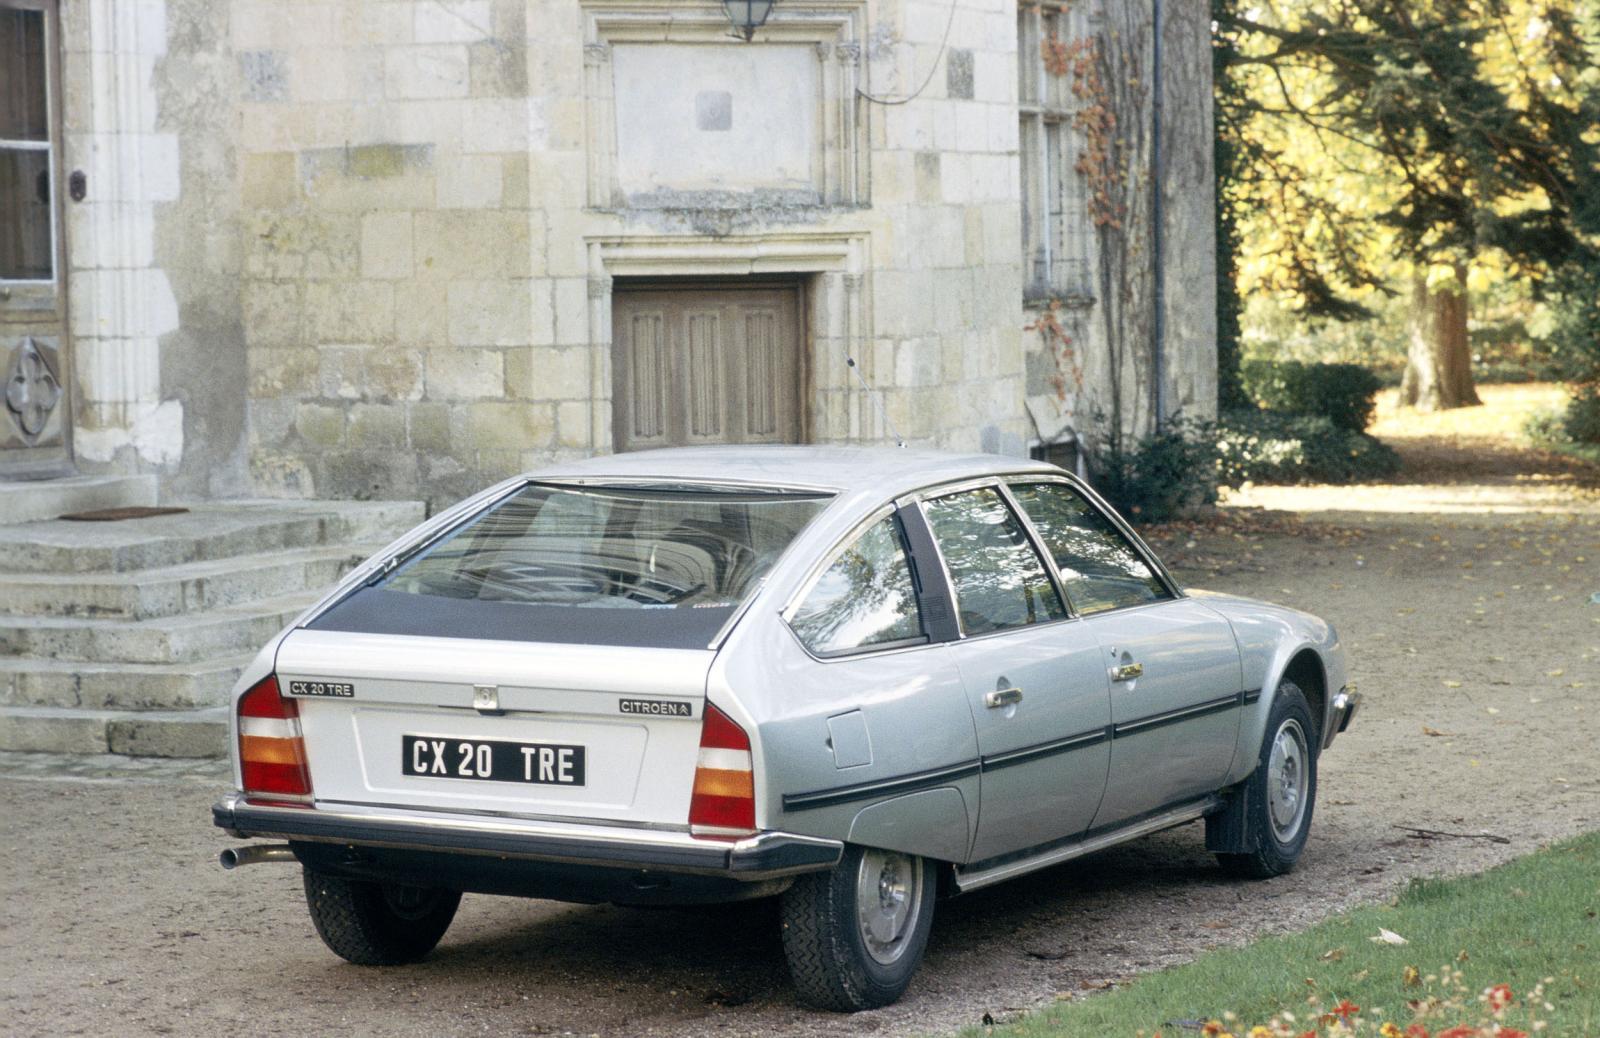 CX 20 TRE 1983